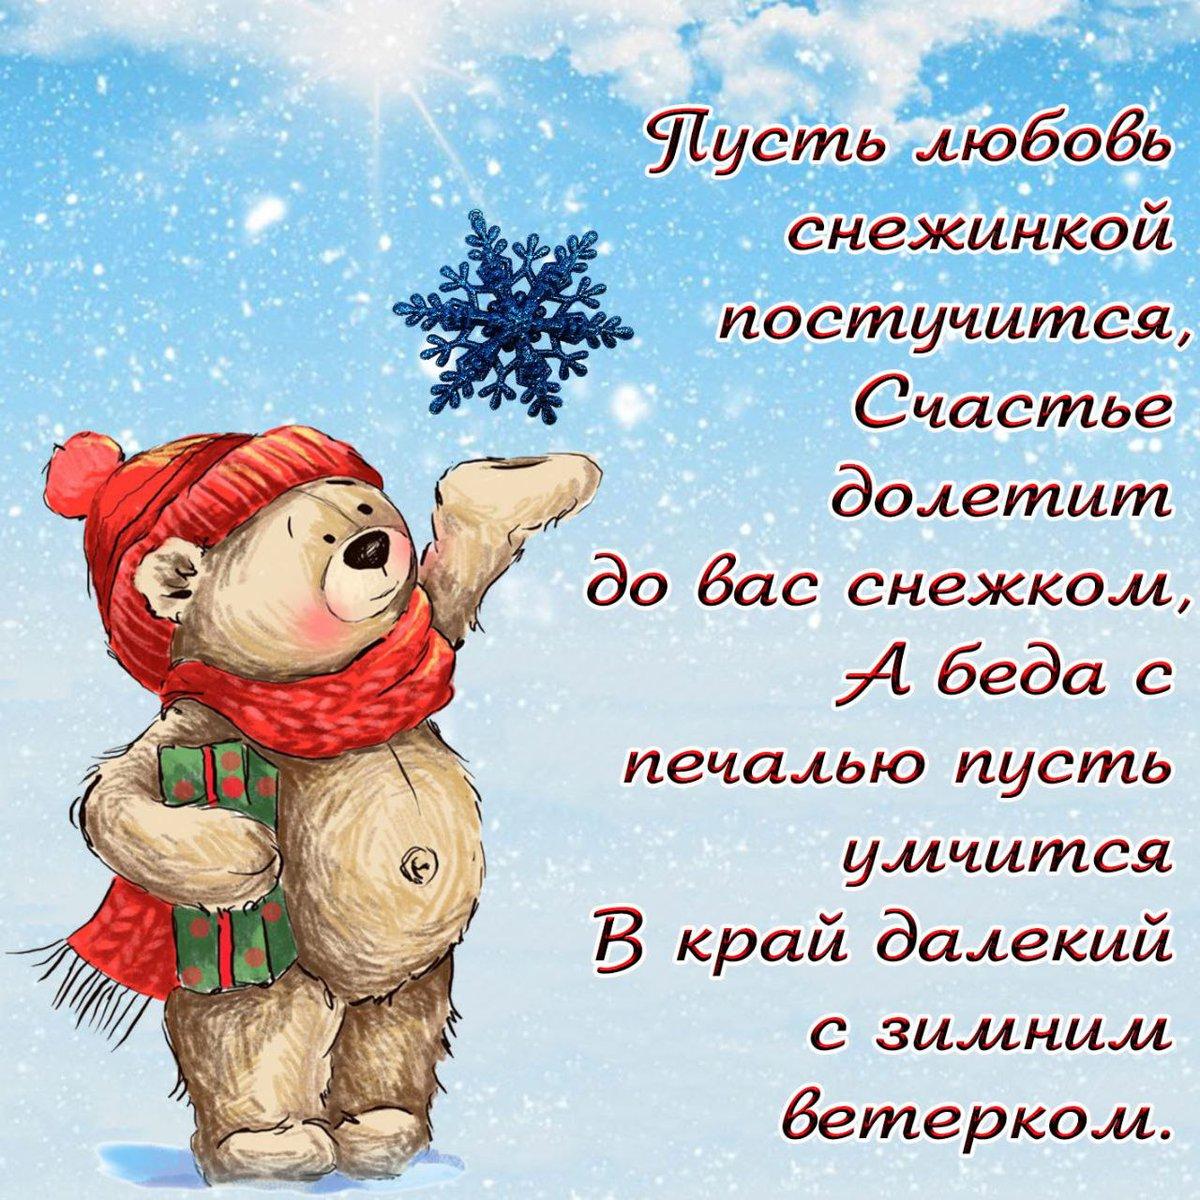 открытки для хорошего настроения прикольные зимние резкий специфический